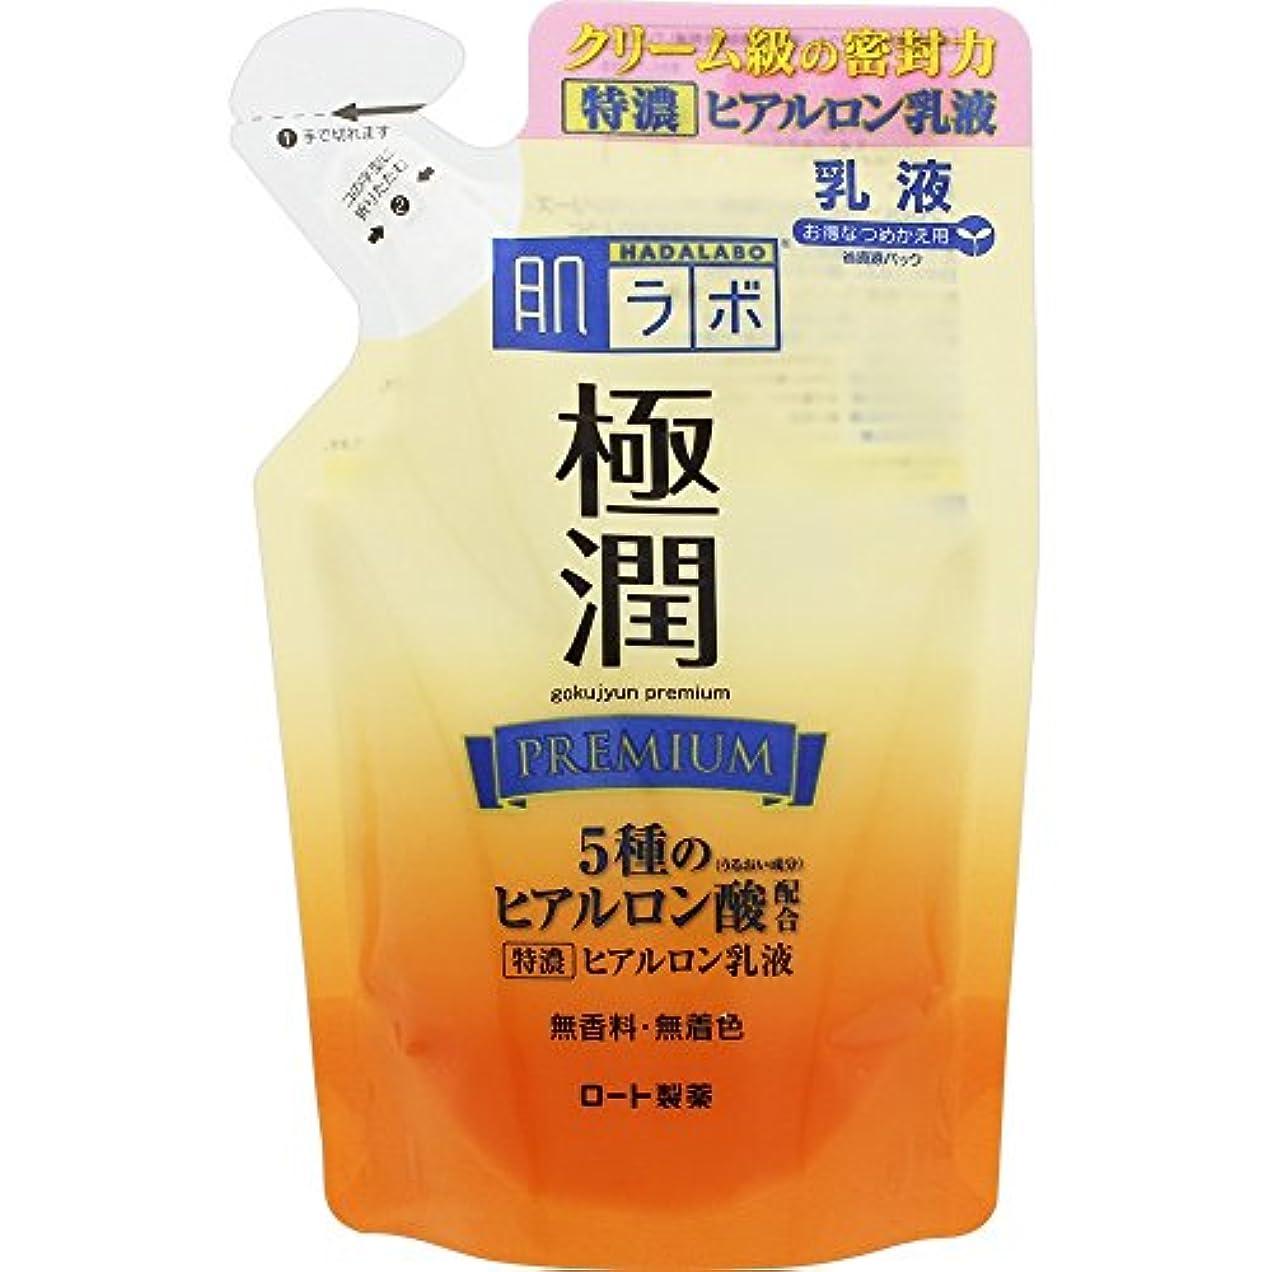 必要とするスパイ確かめる肌ラボ 極潤プレミアム 特濃ヒアルロン乳液 ヒアルロン酸5種類×サクラン配合 詰替用 140ml